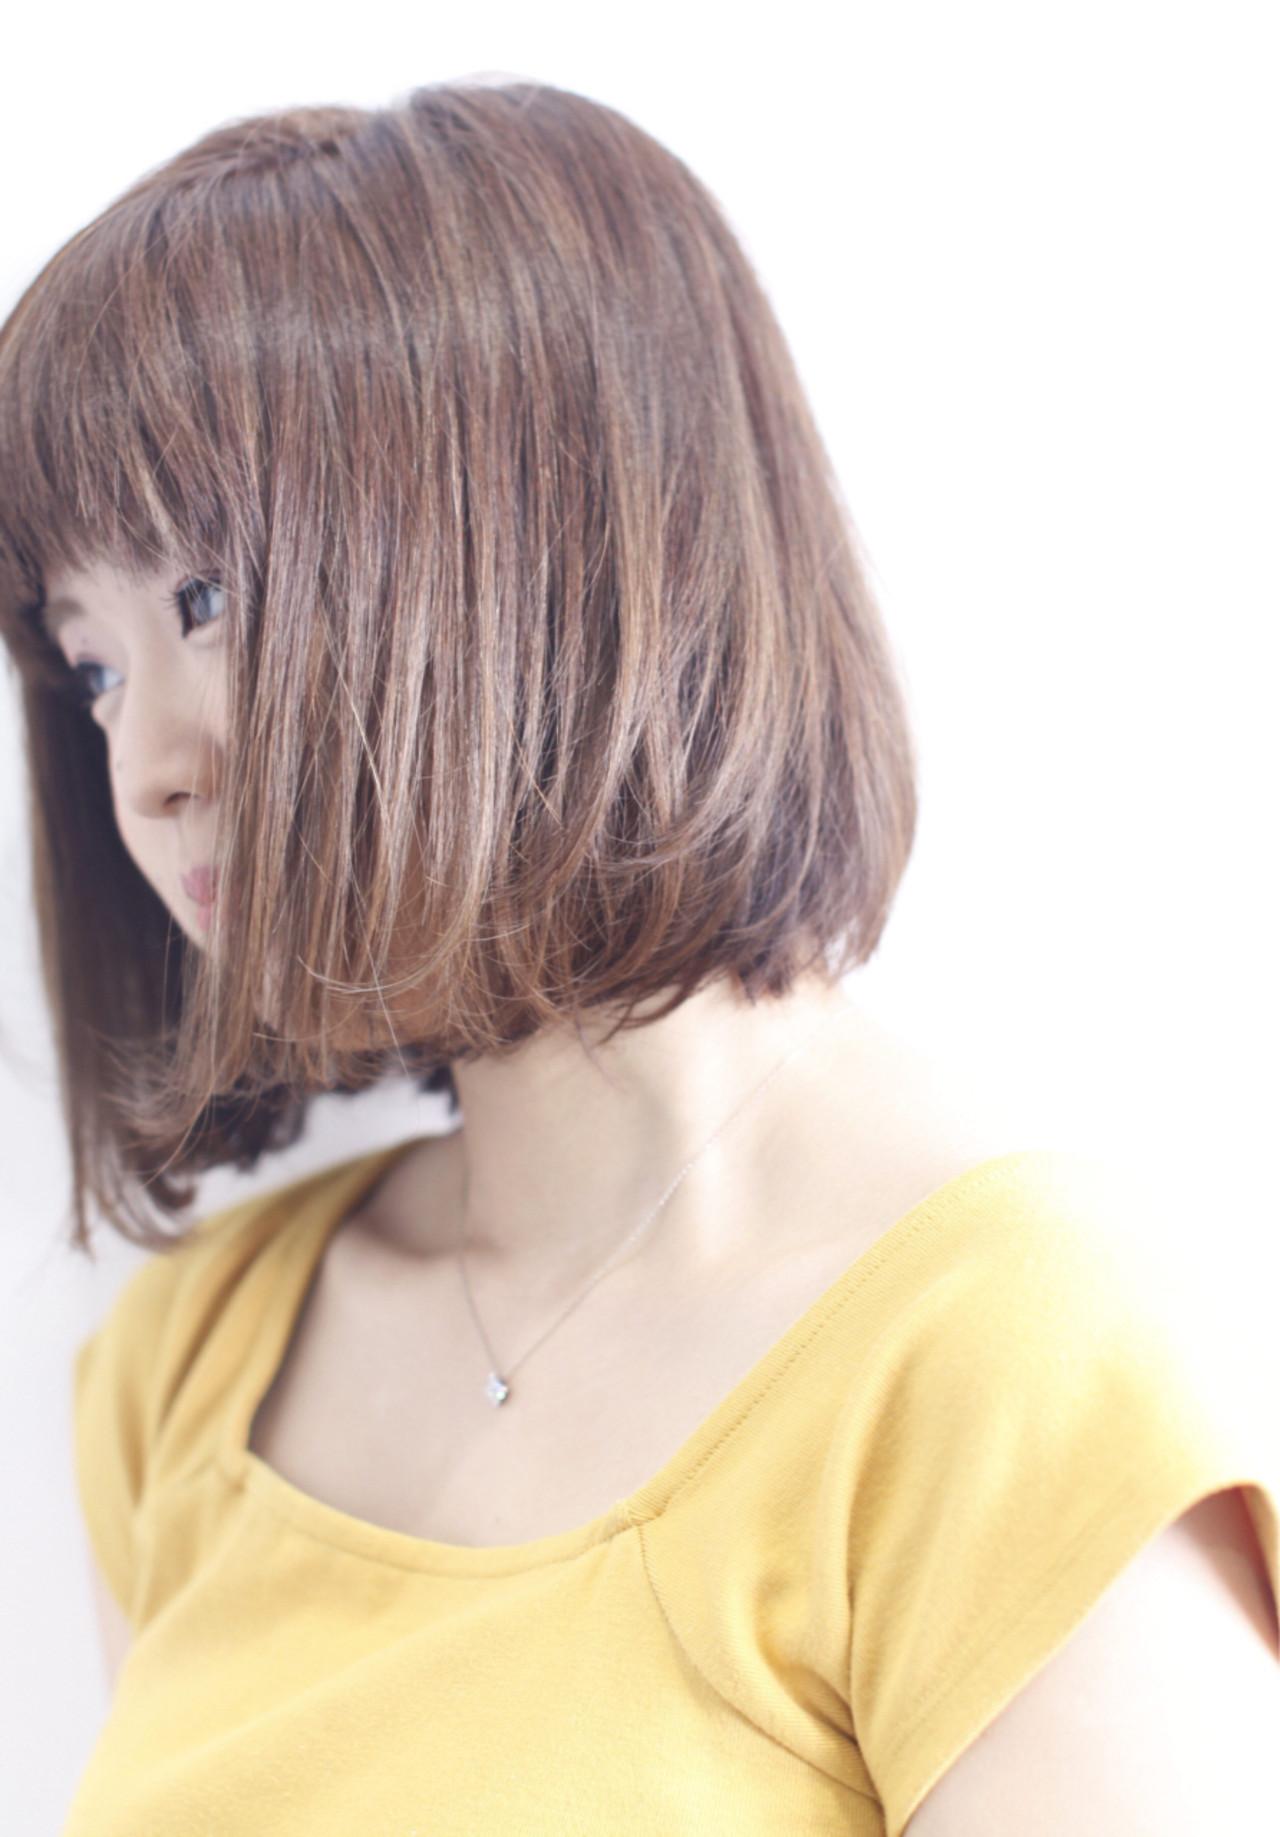 ナチュラル 外国人風カラー ダブルカラー ワンカール ヘアスタイルや髪型の写真・画像 | 中村真一 / hair make No.8 宮崎市